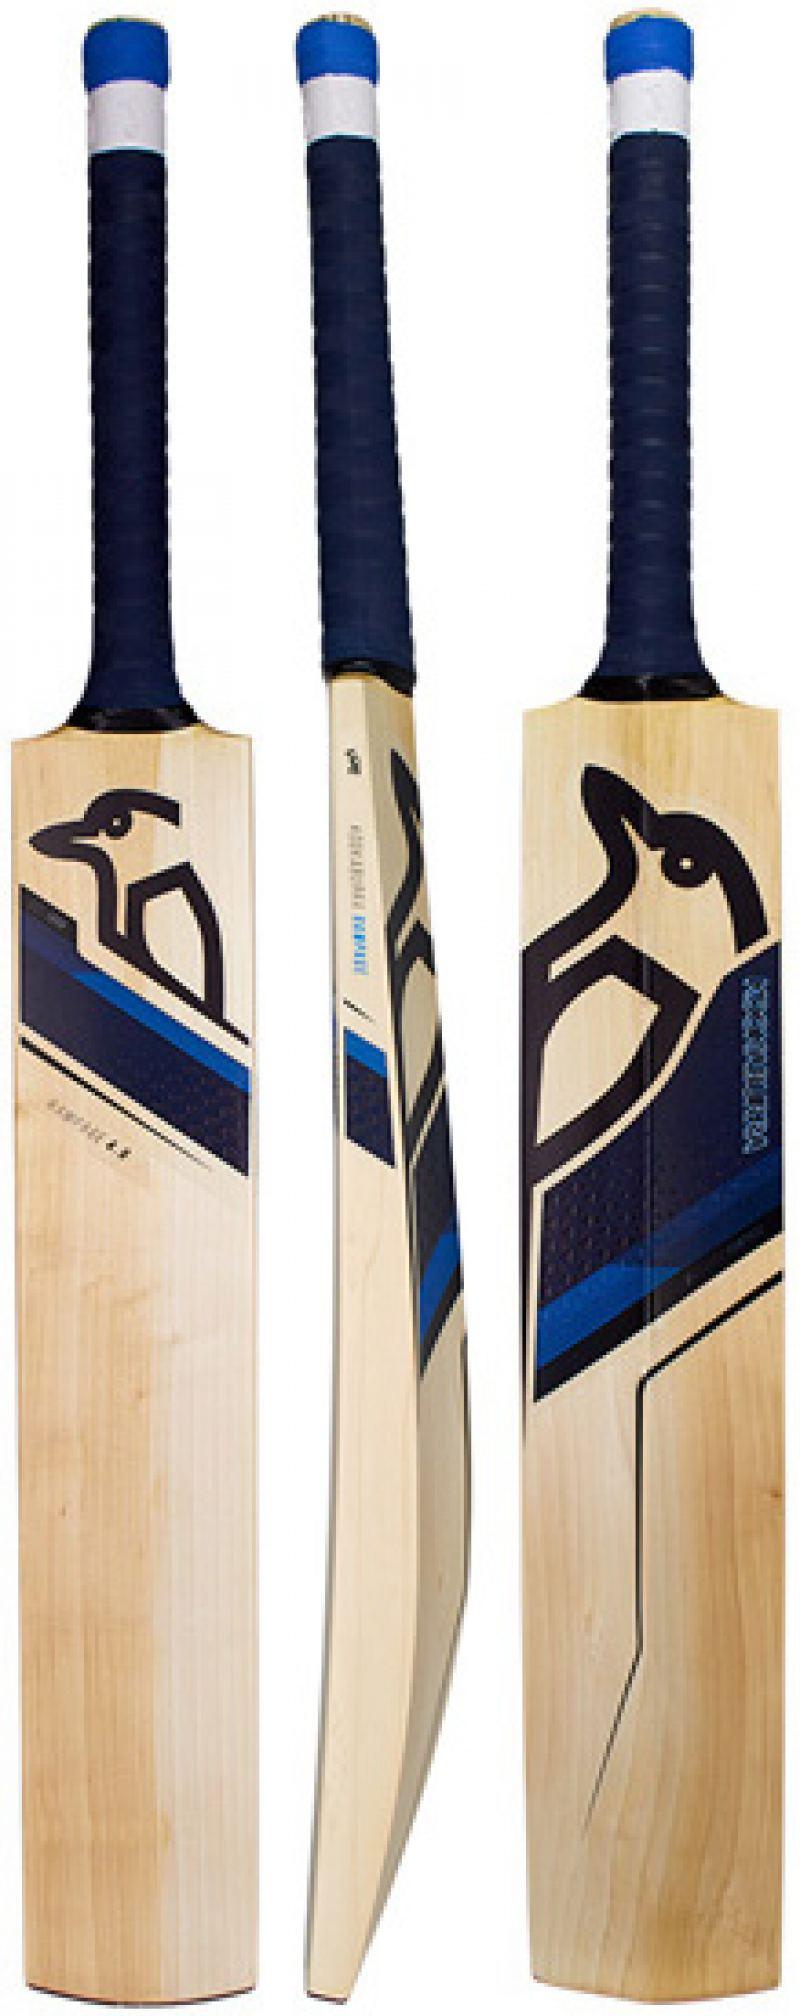 Kookaburra Rampage 4.0 Cricket Bat